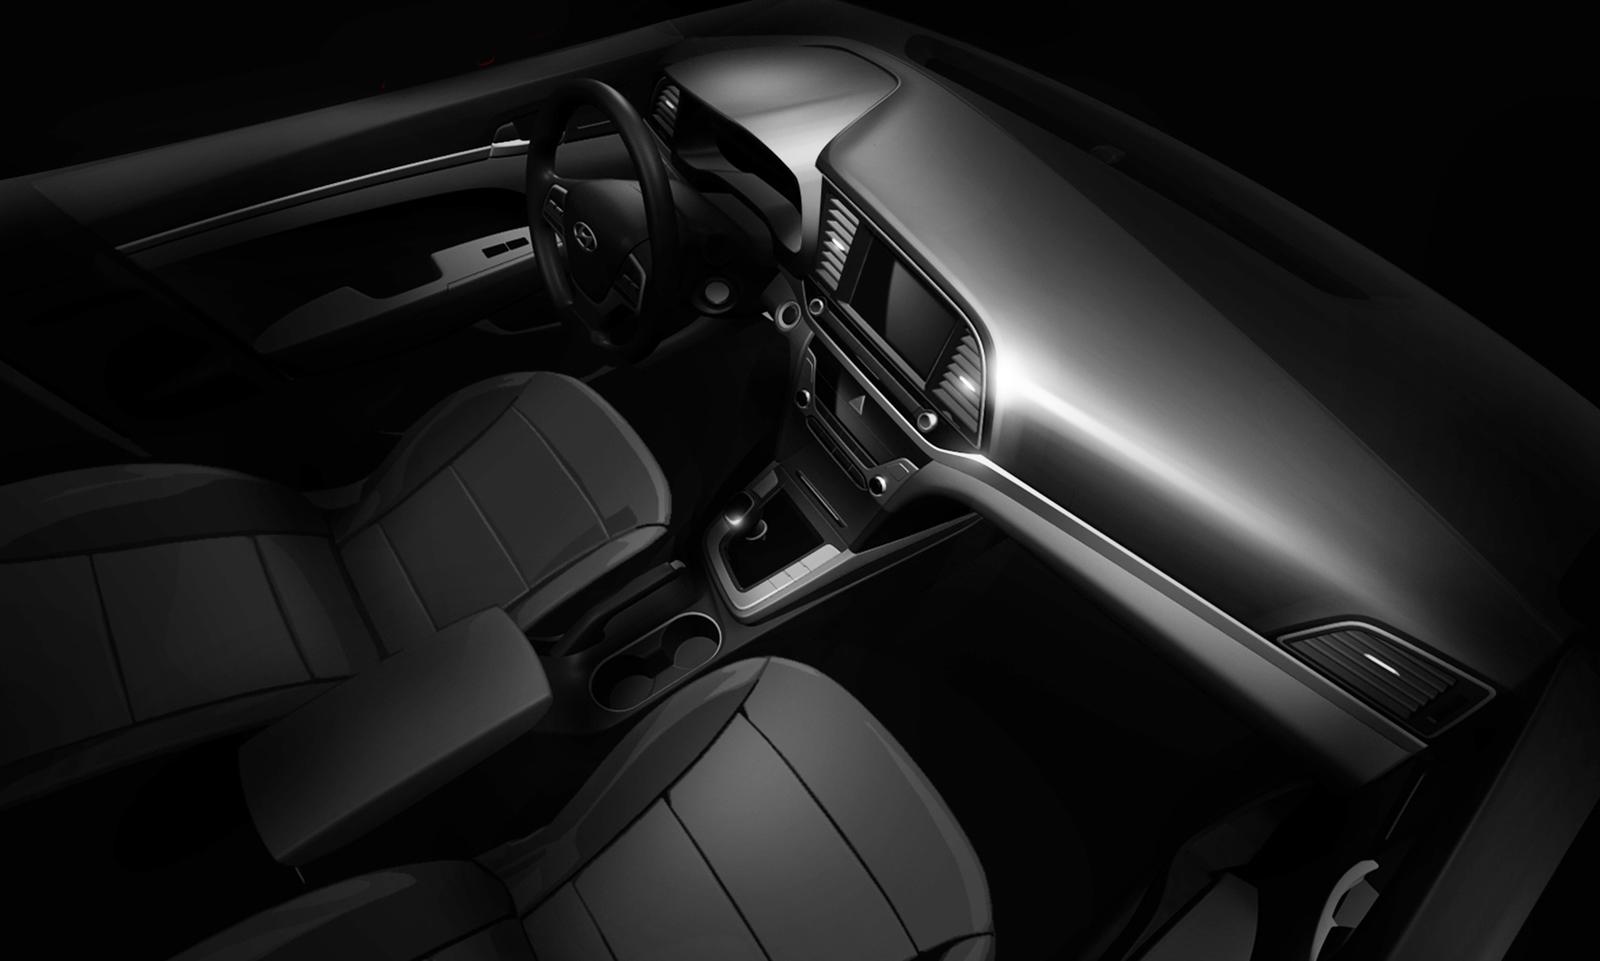 India Bound 2017 Hyundai Elantra Spied Undisguised Interiors Revealed Motoroids